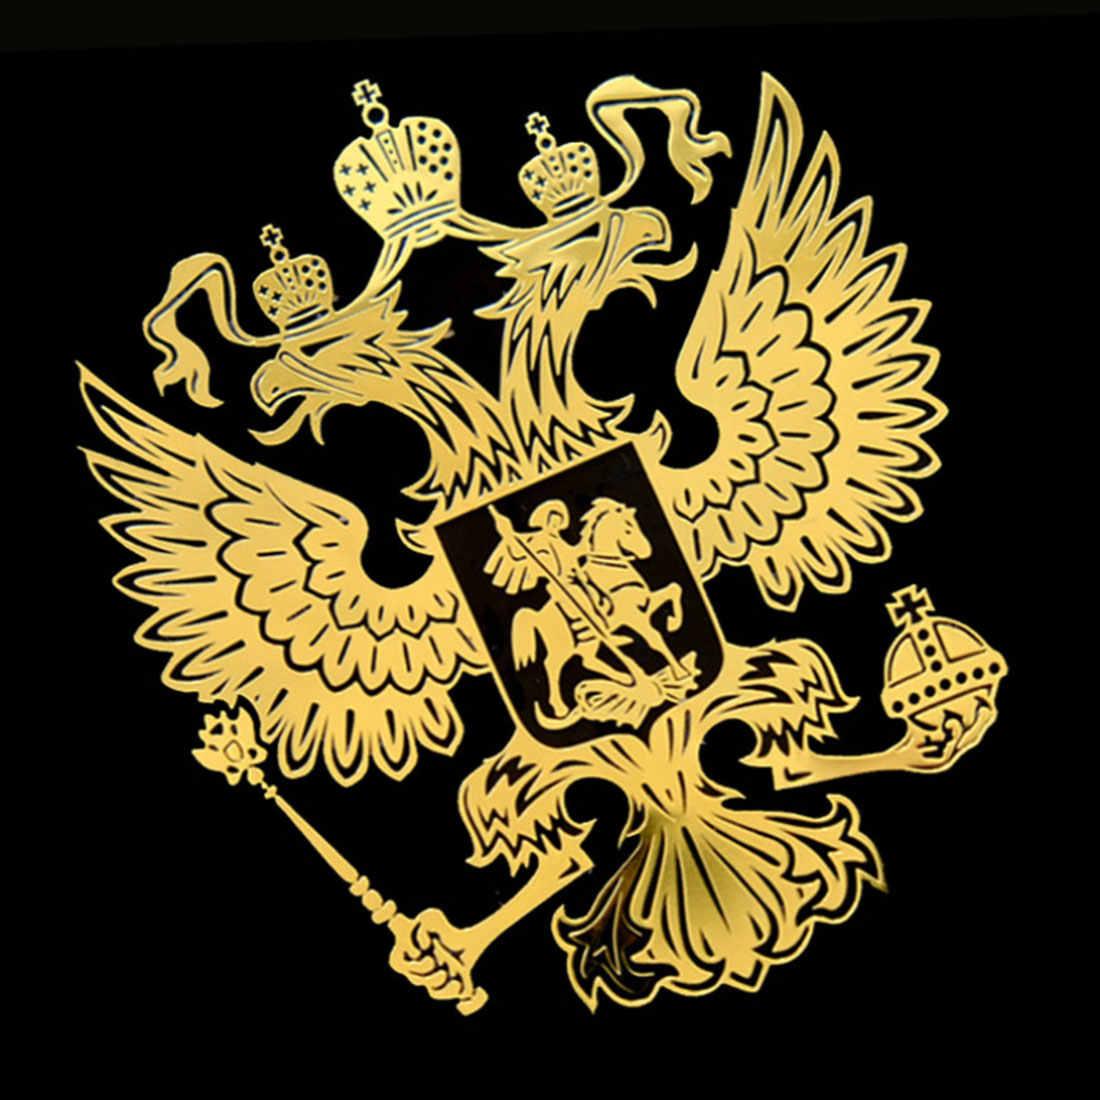 Dewtreetali 6.0*5.4cm 9.0*8.4cm brasão de braços de rússia níquel metal adesivo decalques rússia federação russa adesivos de carro para computador portátil